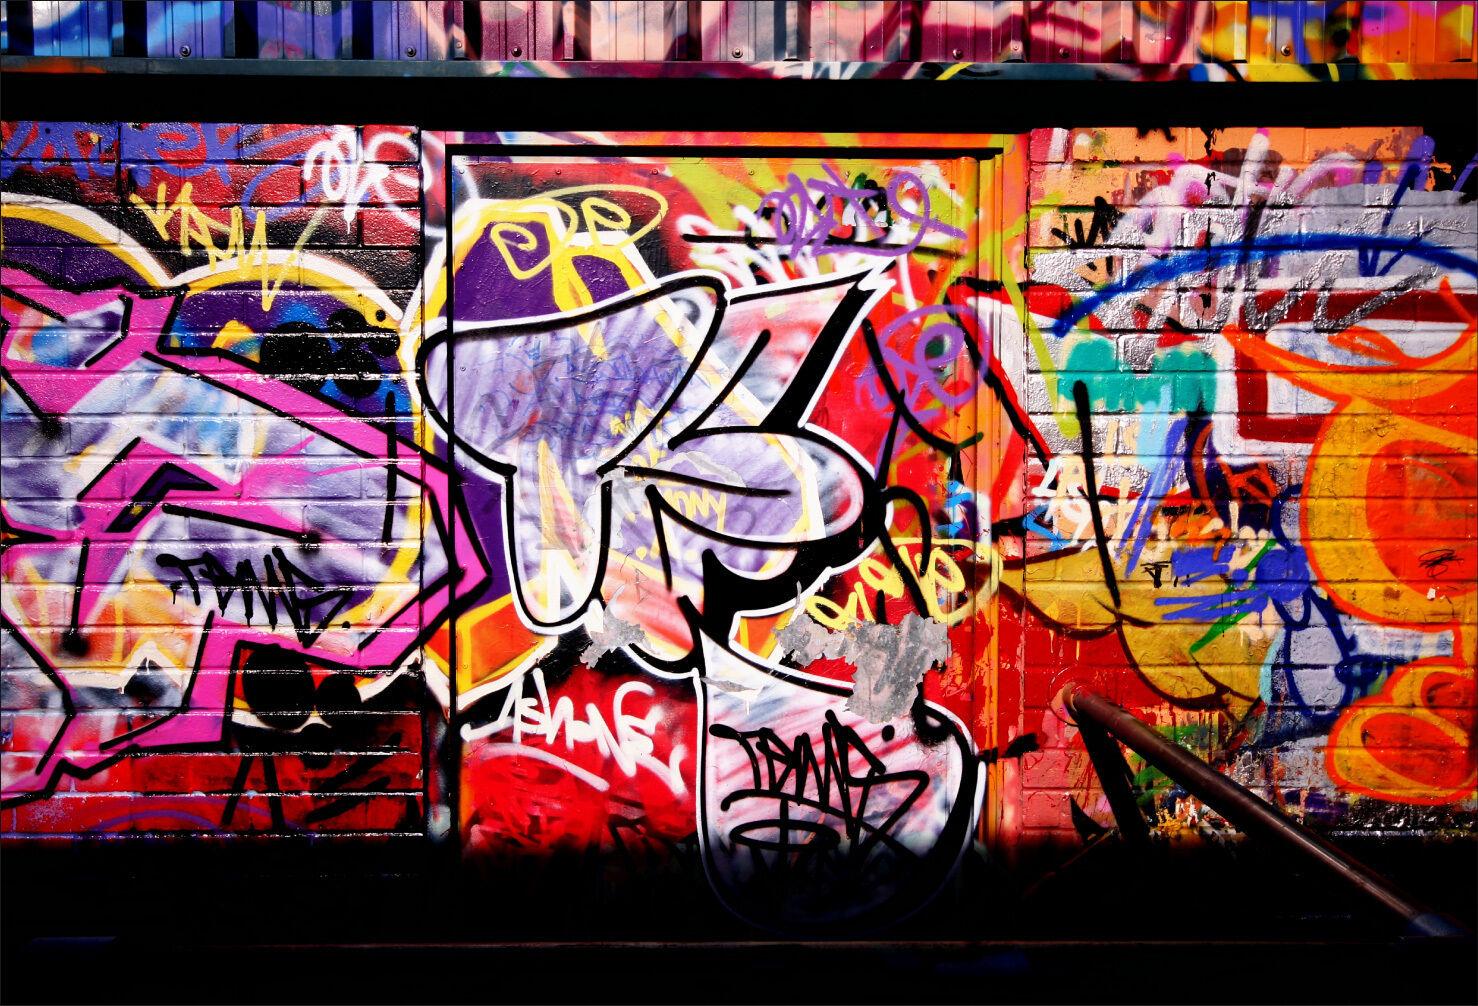 Adesivi Murale Adesivo Decocrazione  Graffiti Tag - Ref 1496 (16 Dimensioni)